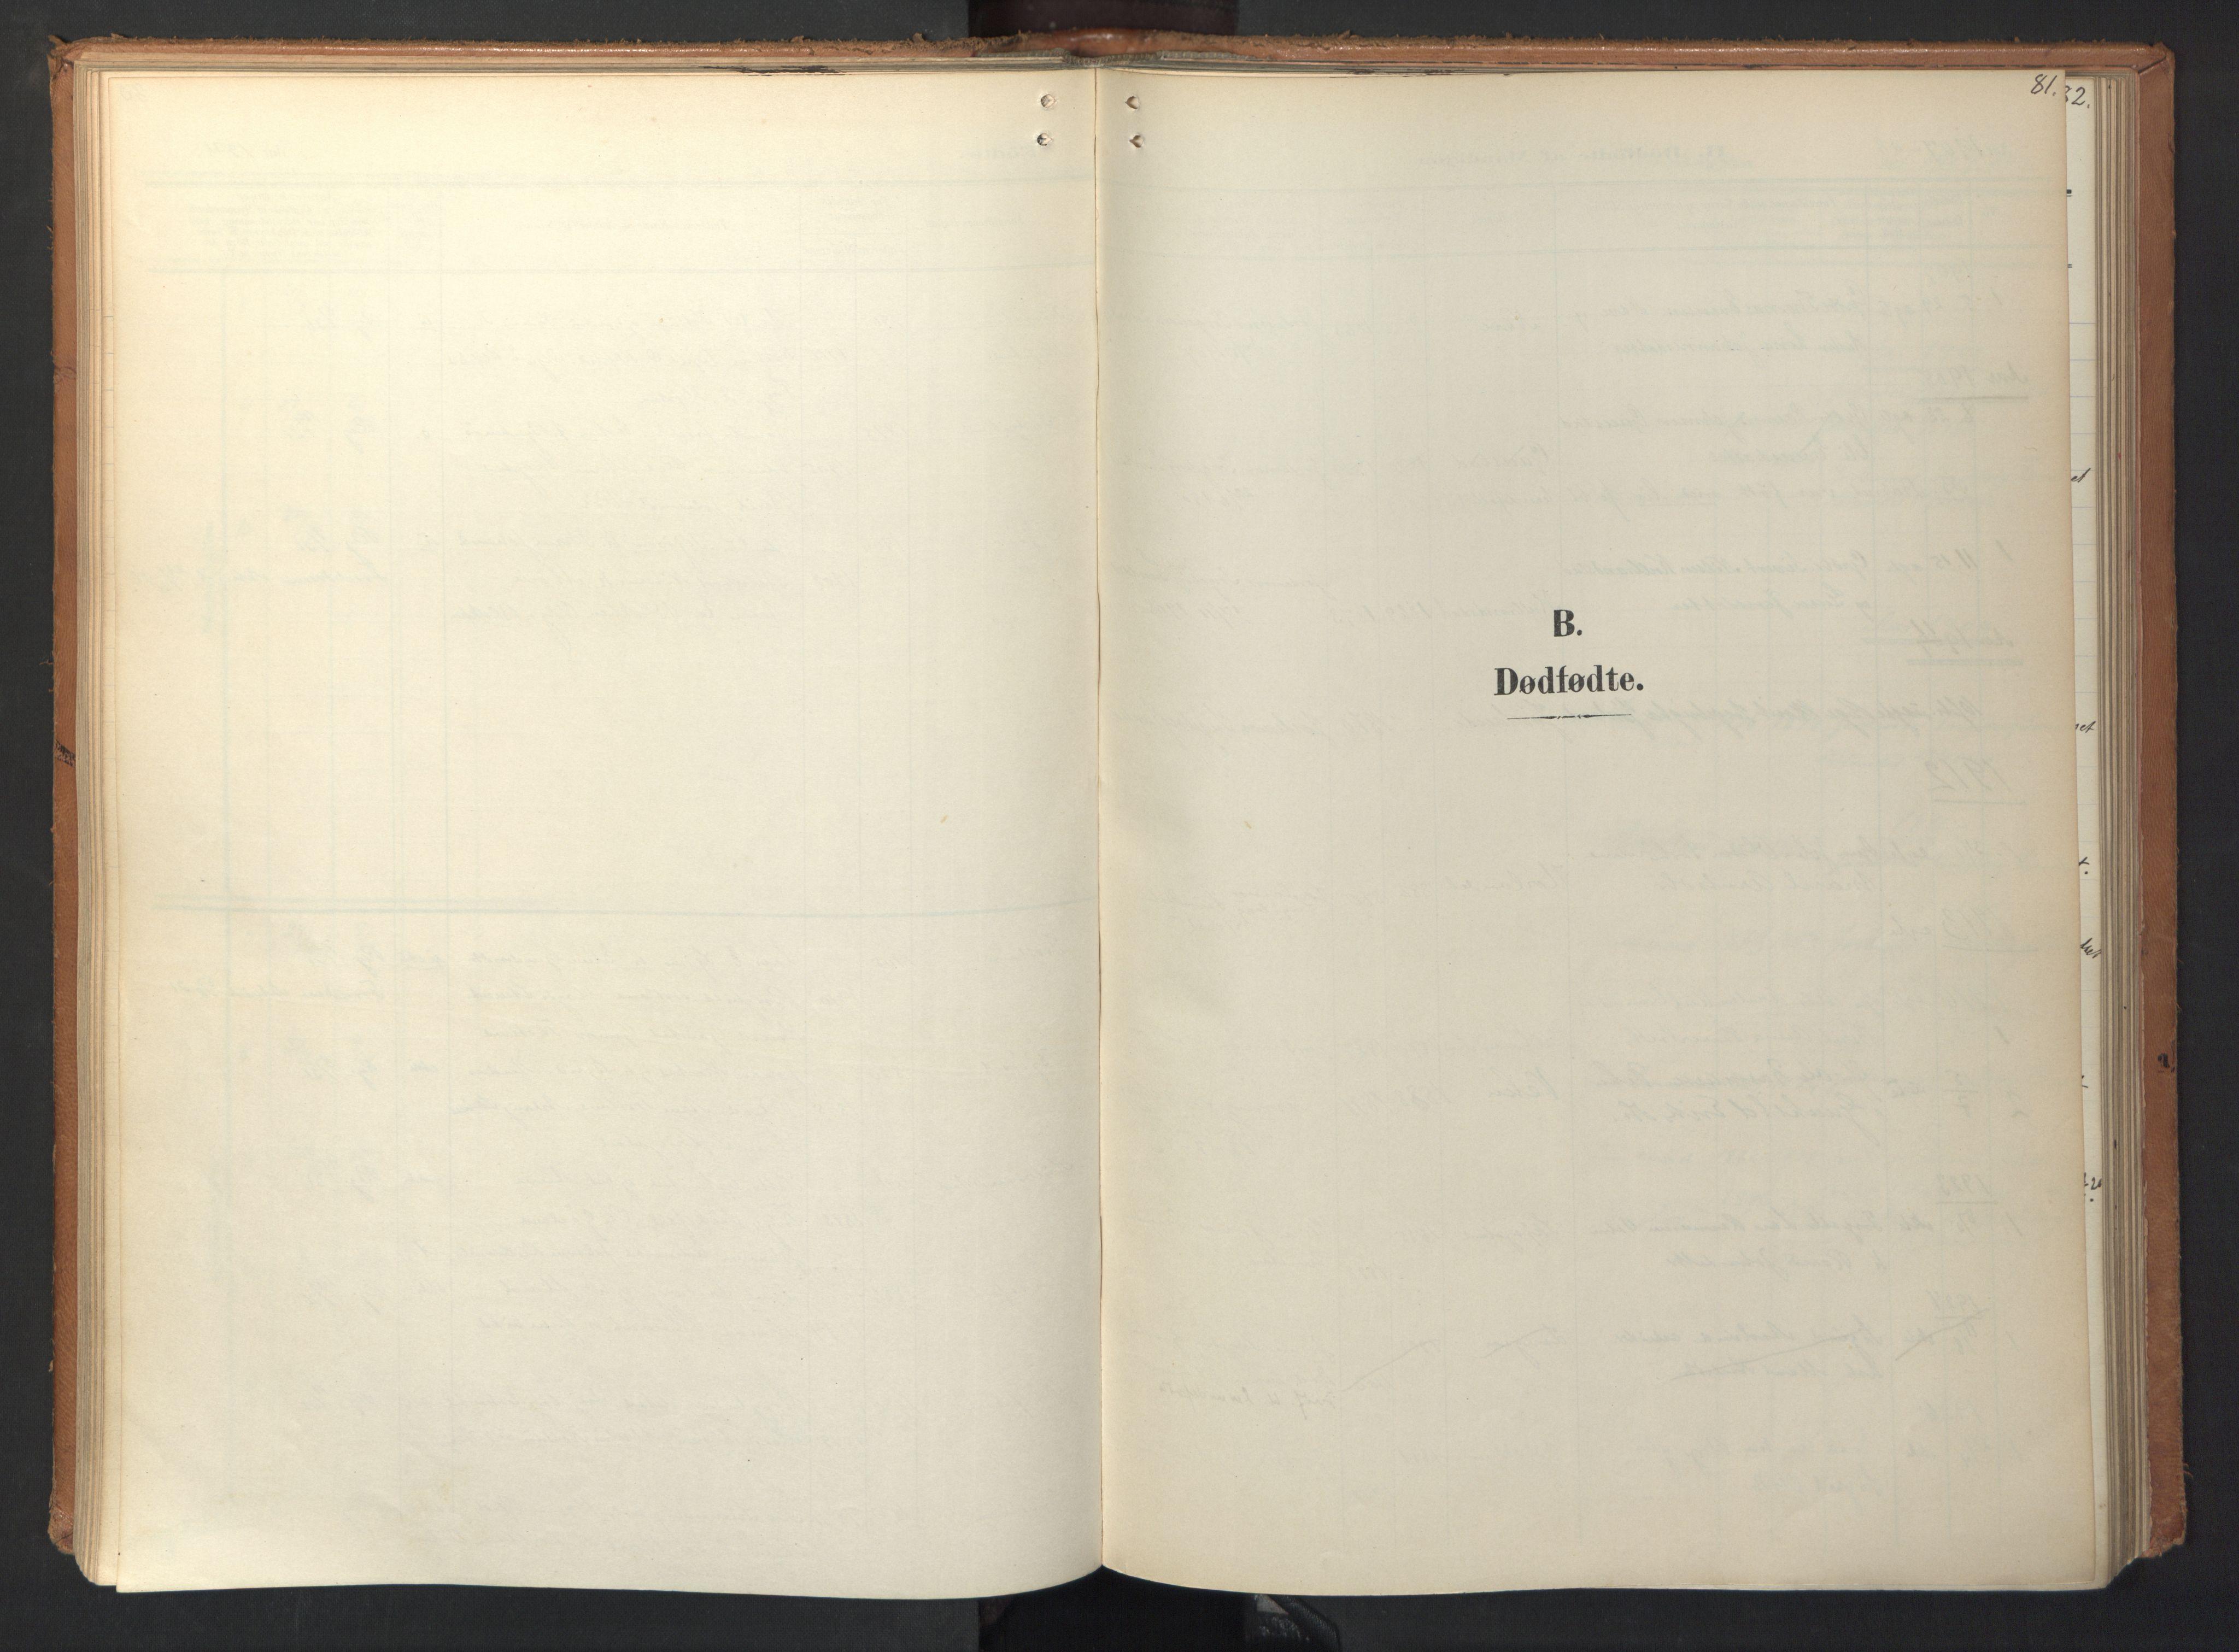 SAT, Ministerialprotokoller, klokkerbøker og fødselsregistre - Sør-Trøndelag, 694/L1128: Ministerialbok nr. 694A02, 1906-1931, s. 81